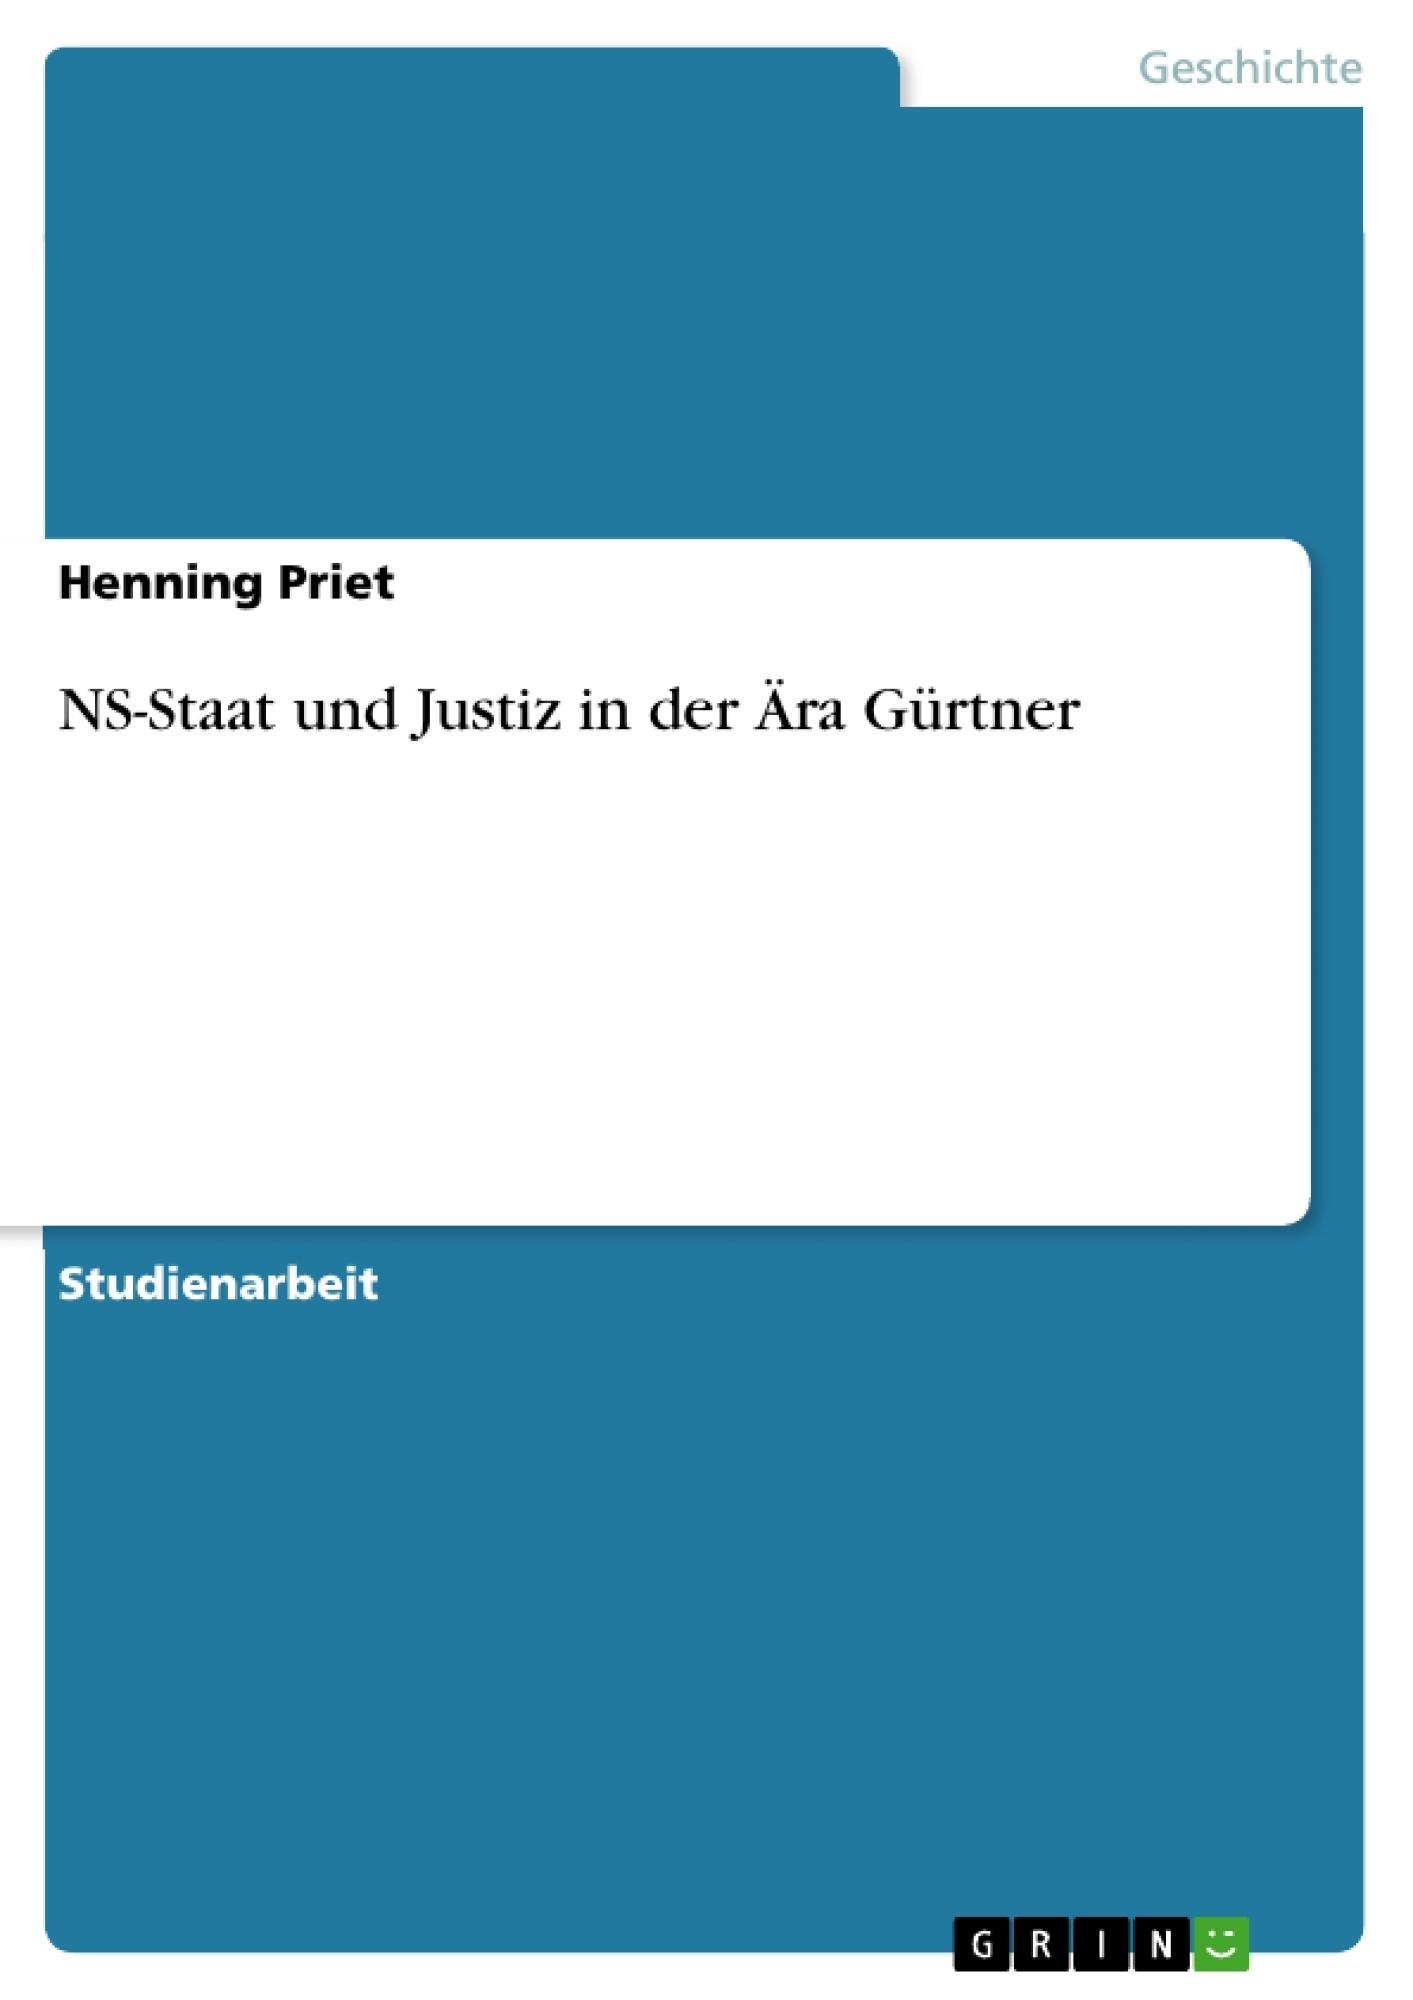 Titel: NS-Staat und Justiz in der Ära Gürtner